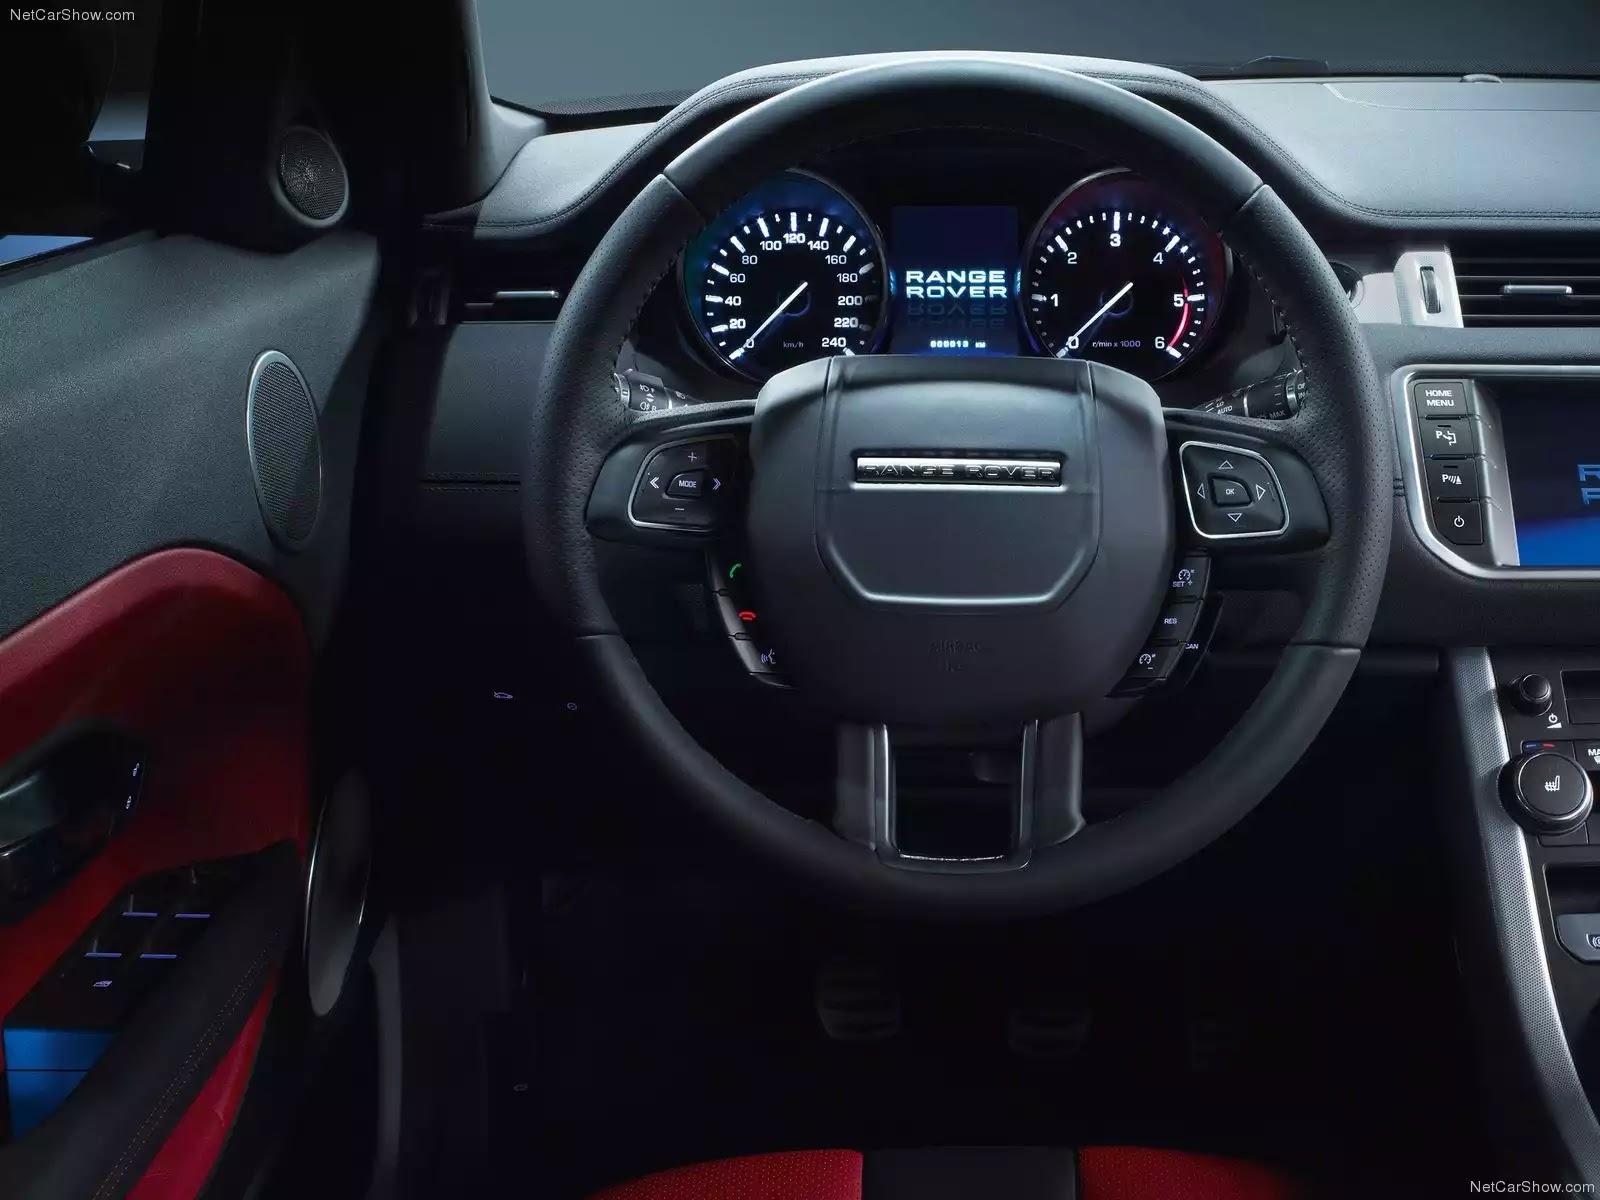 Hình ảnh xe ô tô Land Rover Range Rover Evoque 5-door 2012 & nội ngoại thất